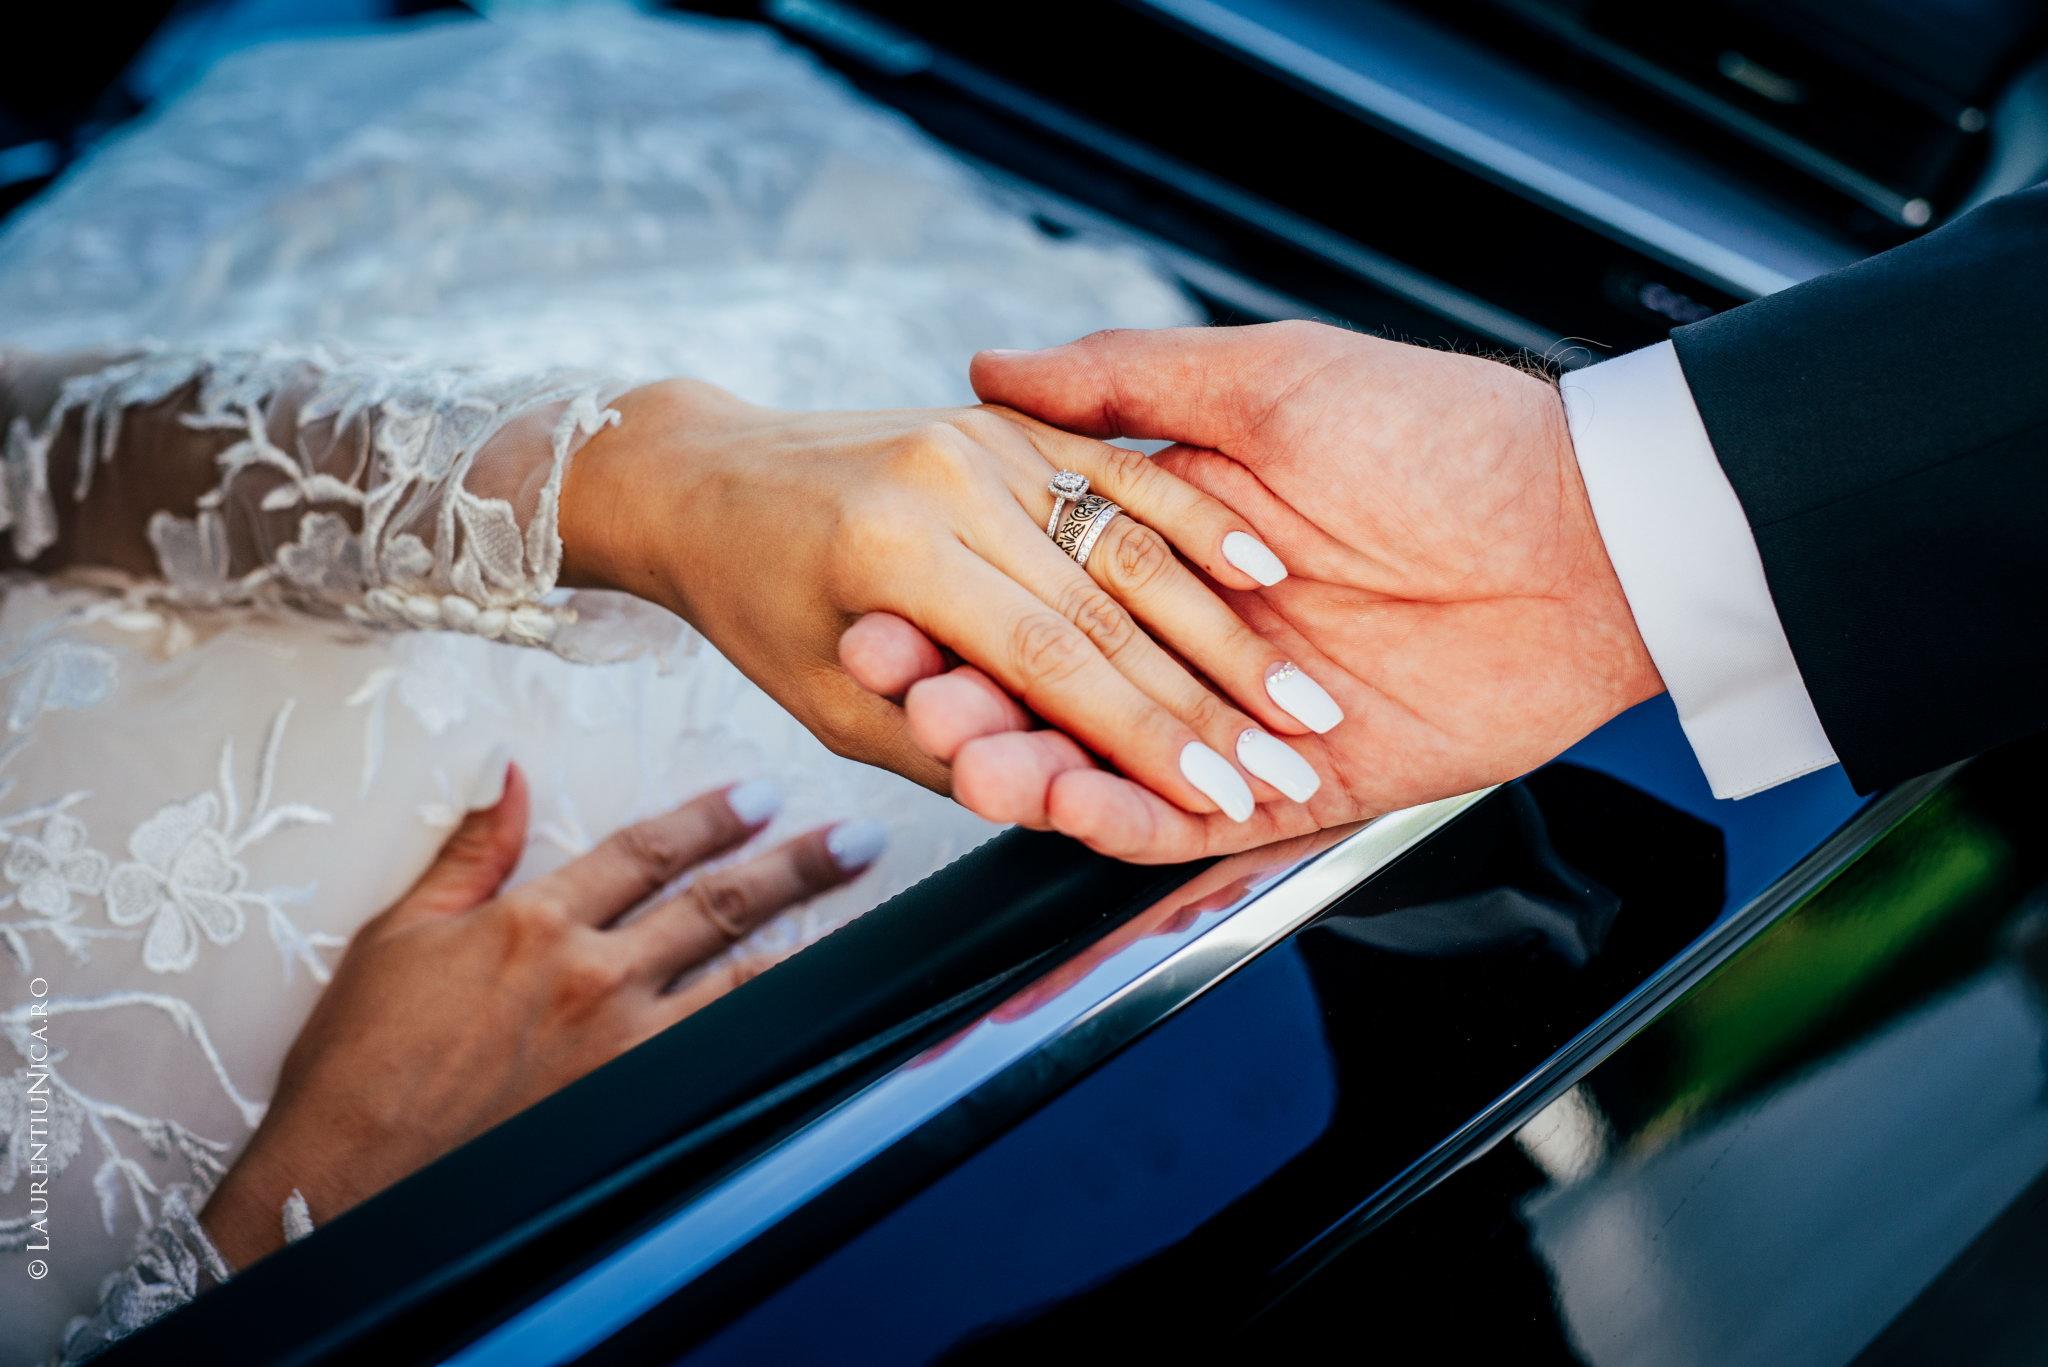 fotografii nunta denisa si florin craiova 30 - Denisa & Florin | Fotografii nunta | Craiova